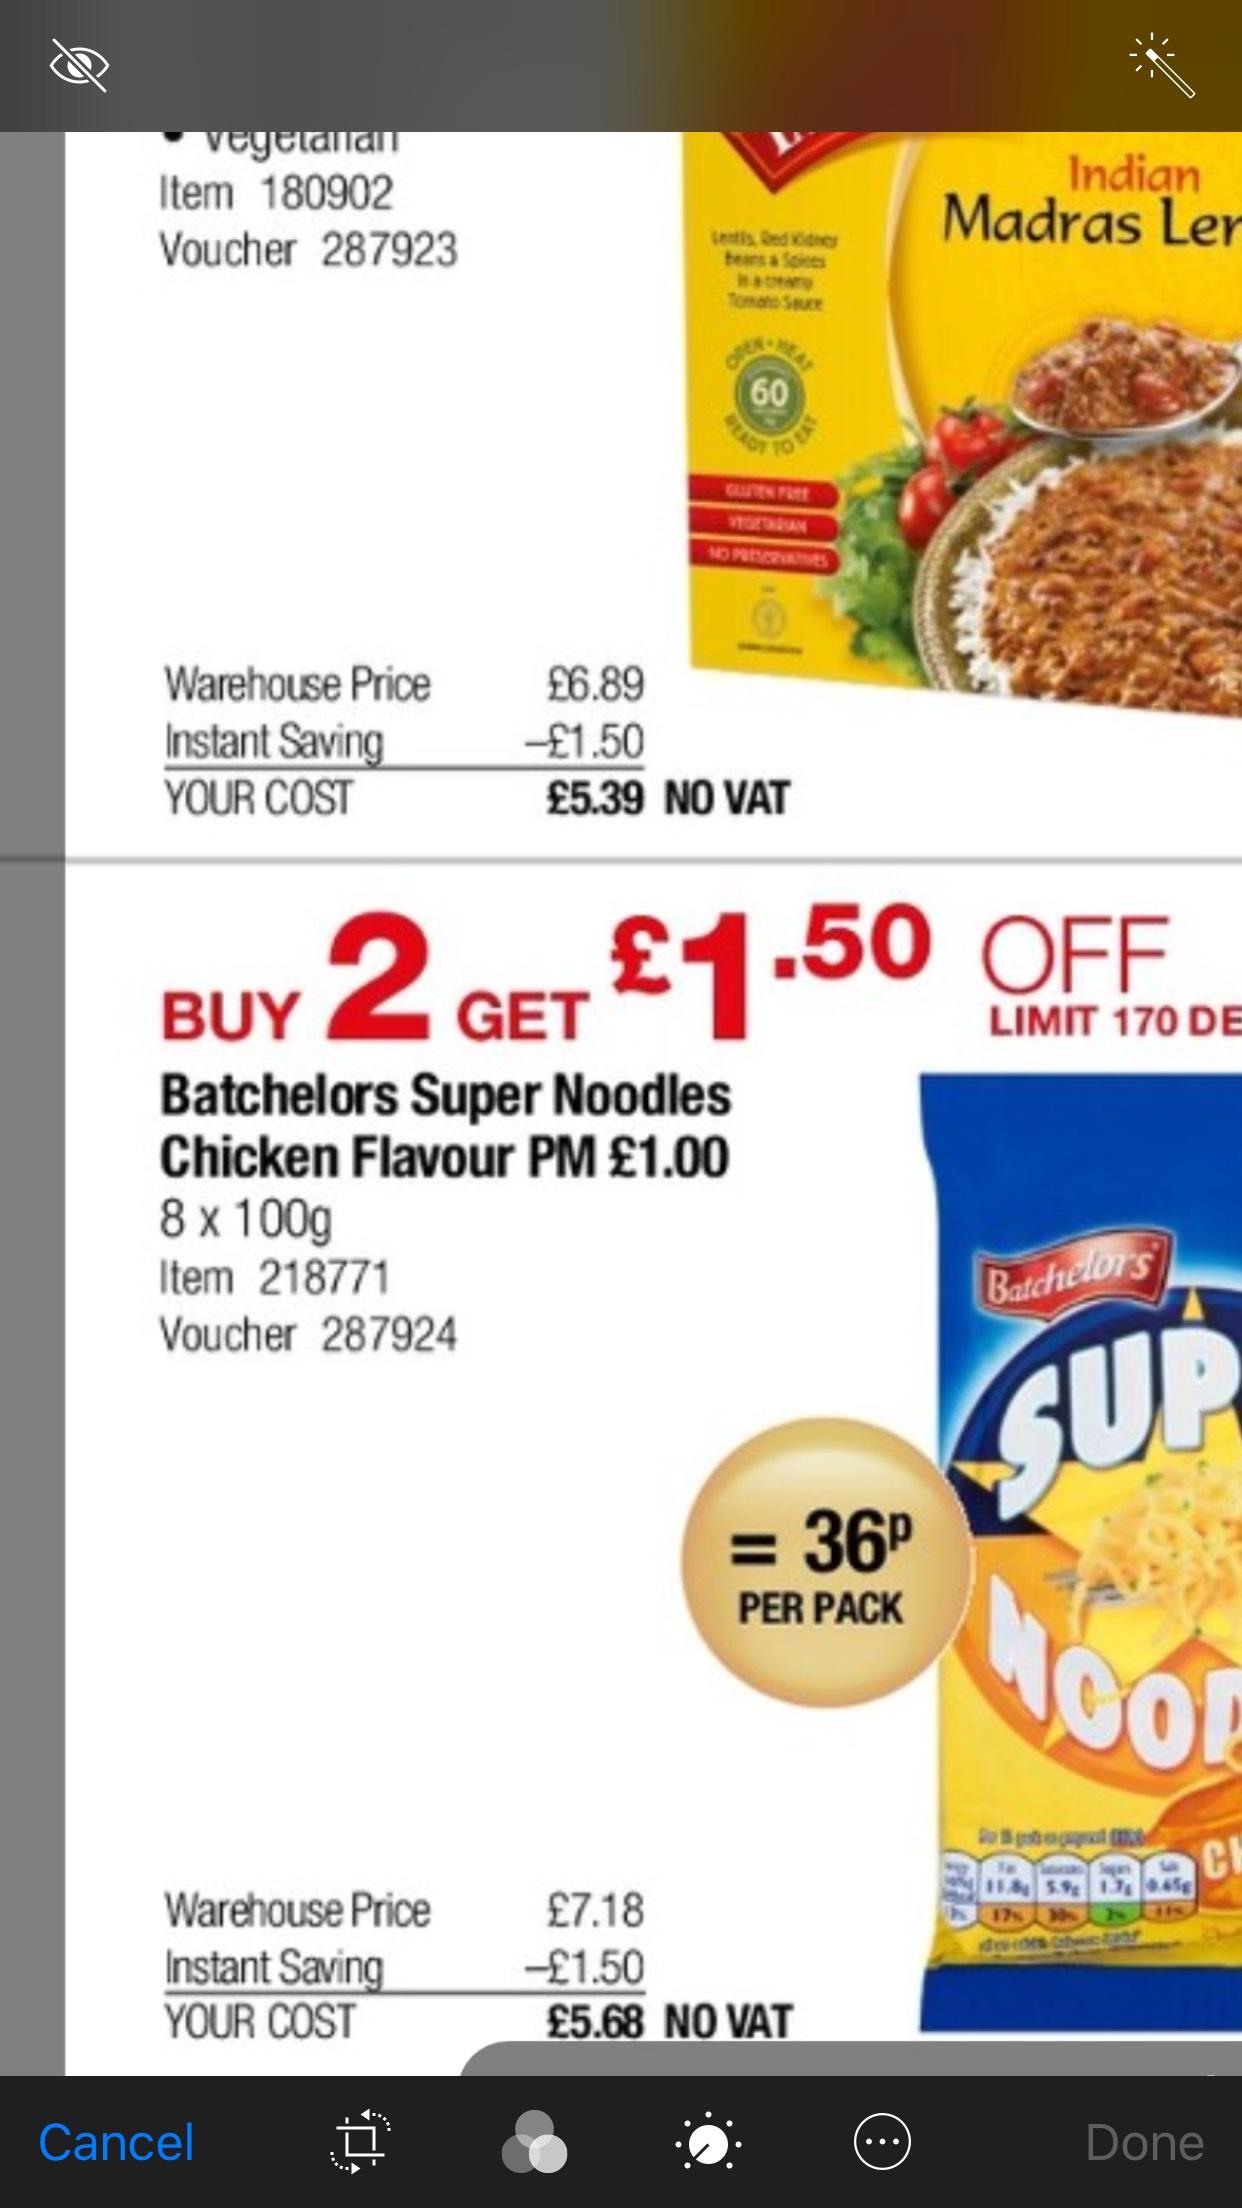 36p Batchelors super noodles at Costco